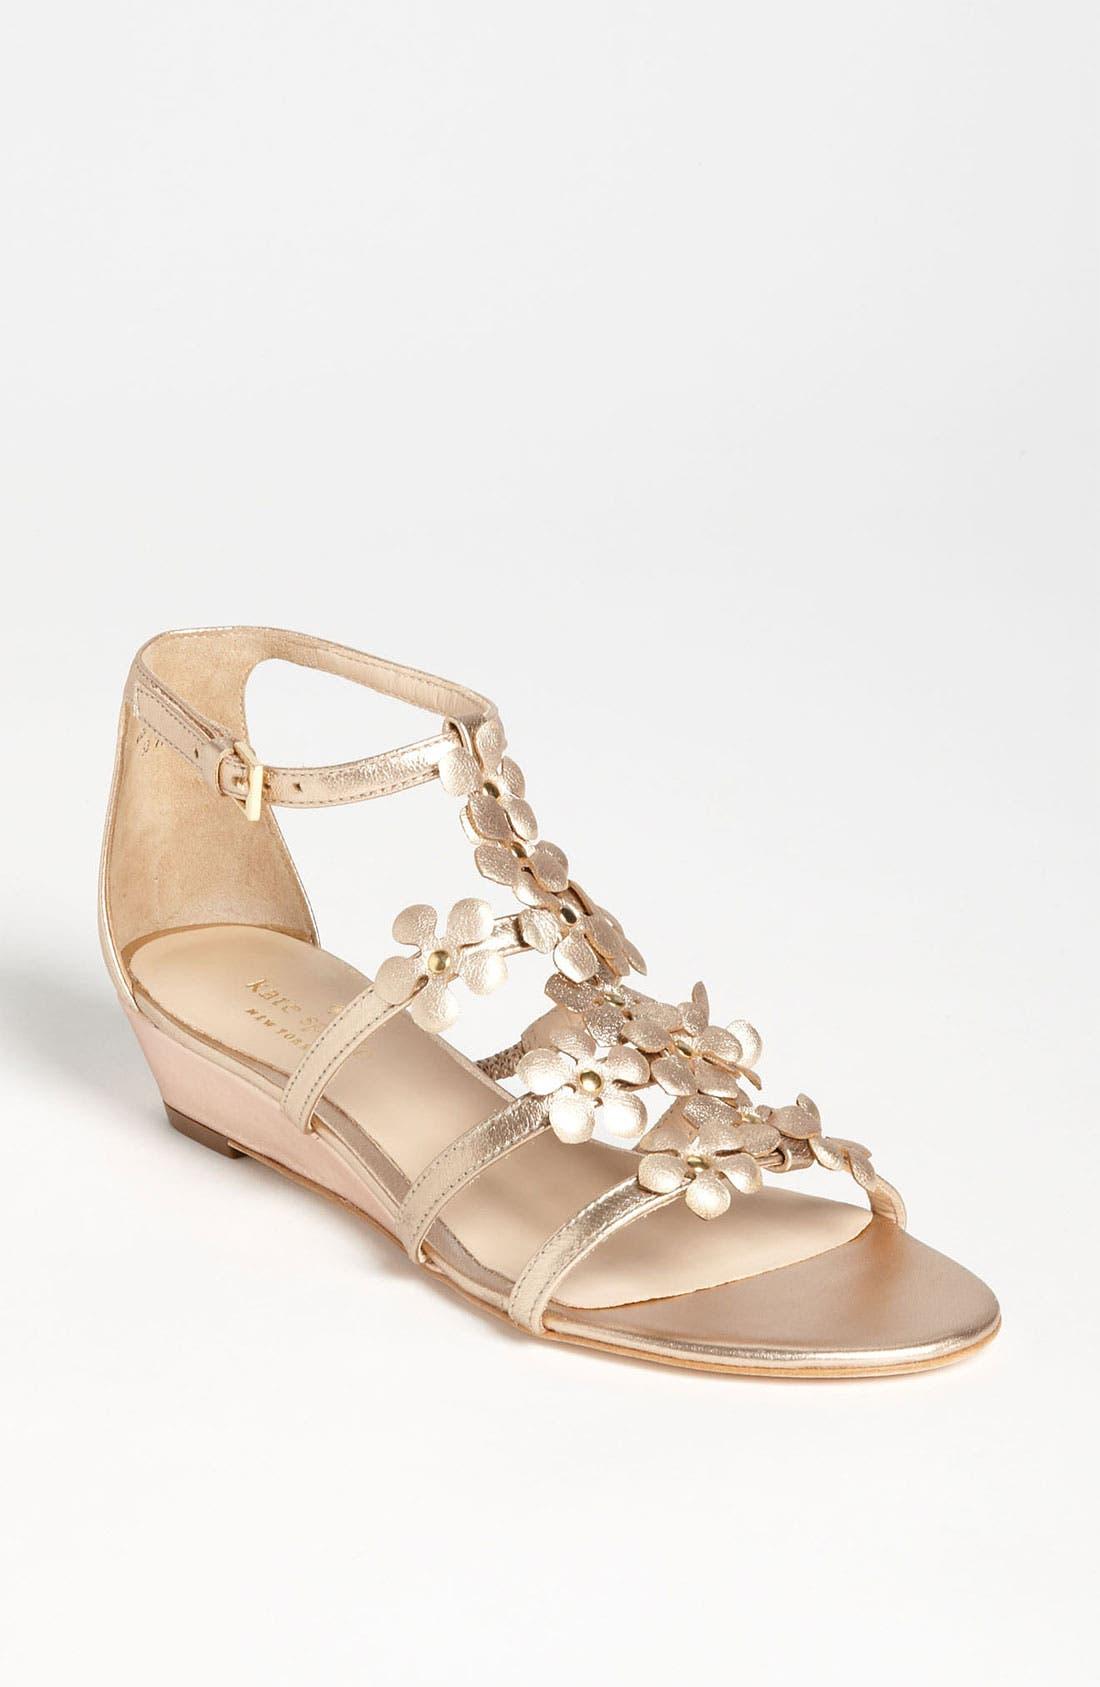 Alternate Image 1 Selected - kate spade new york 'vikki' sandal